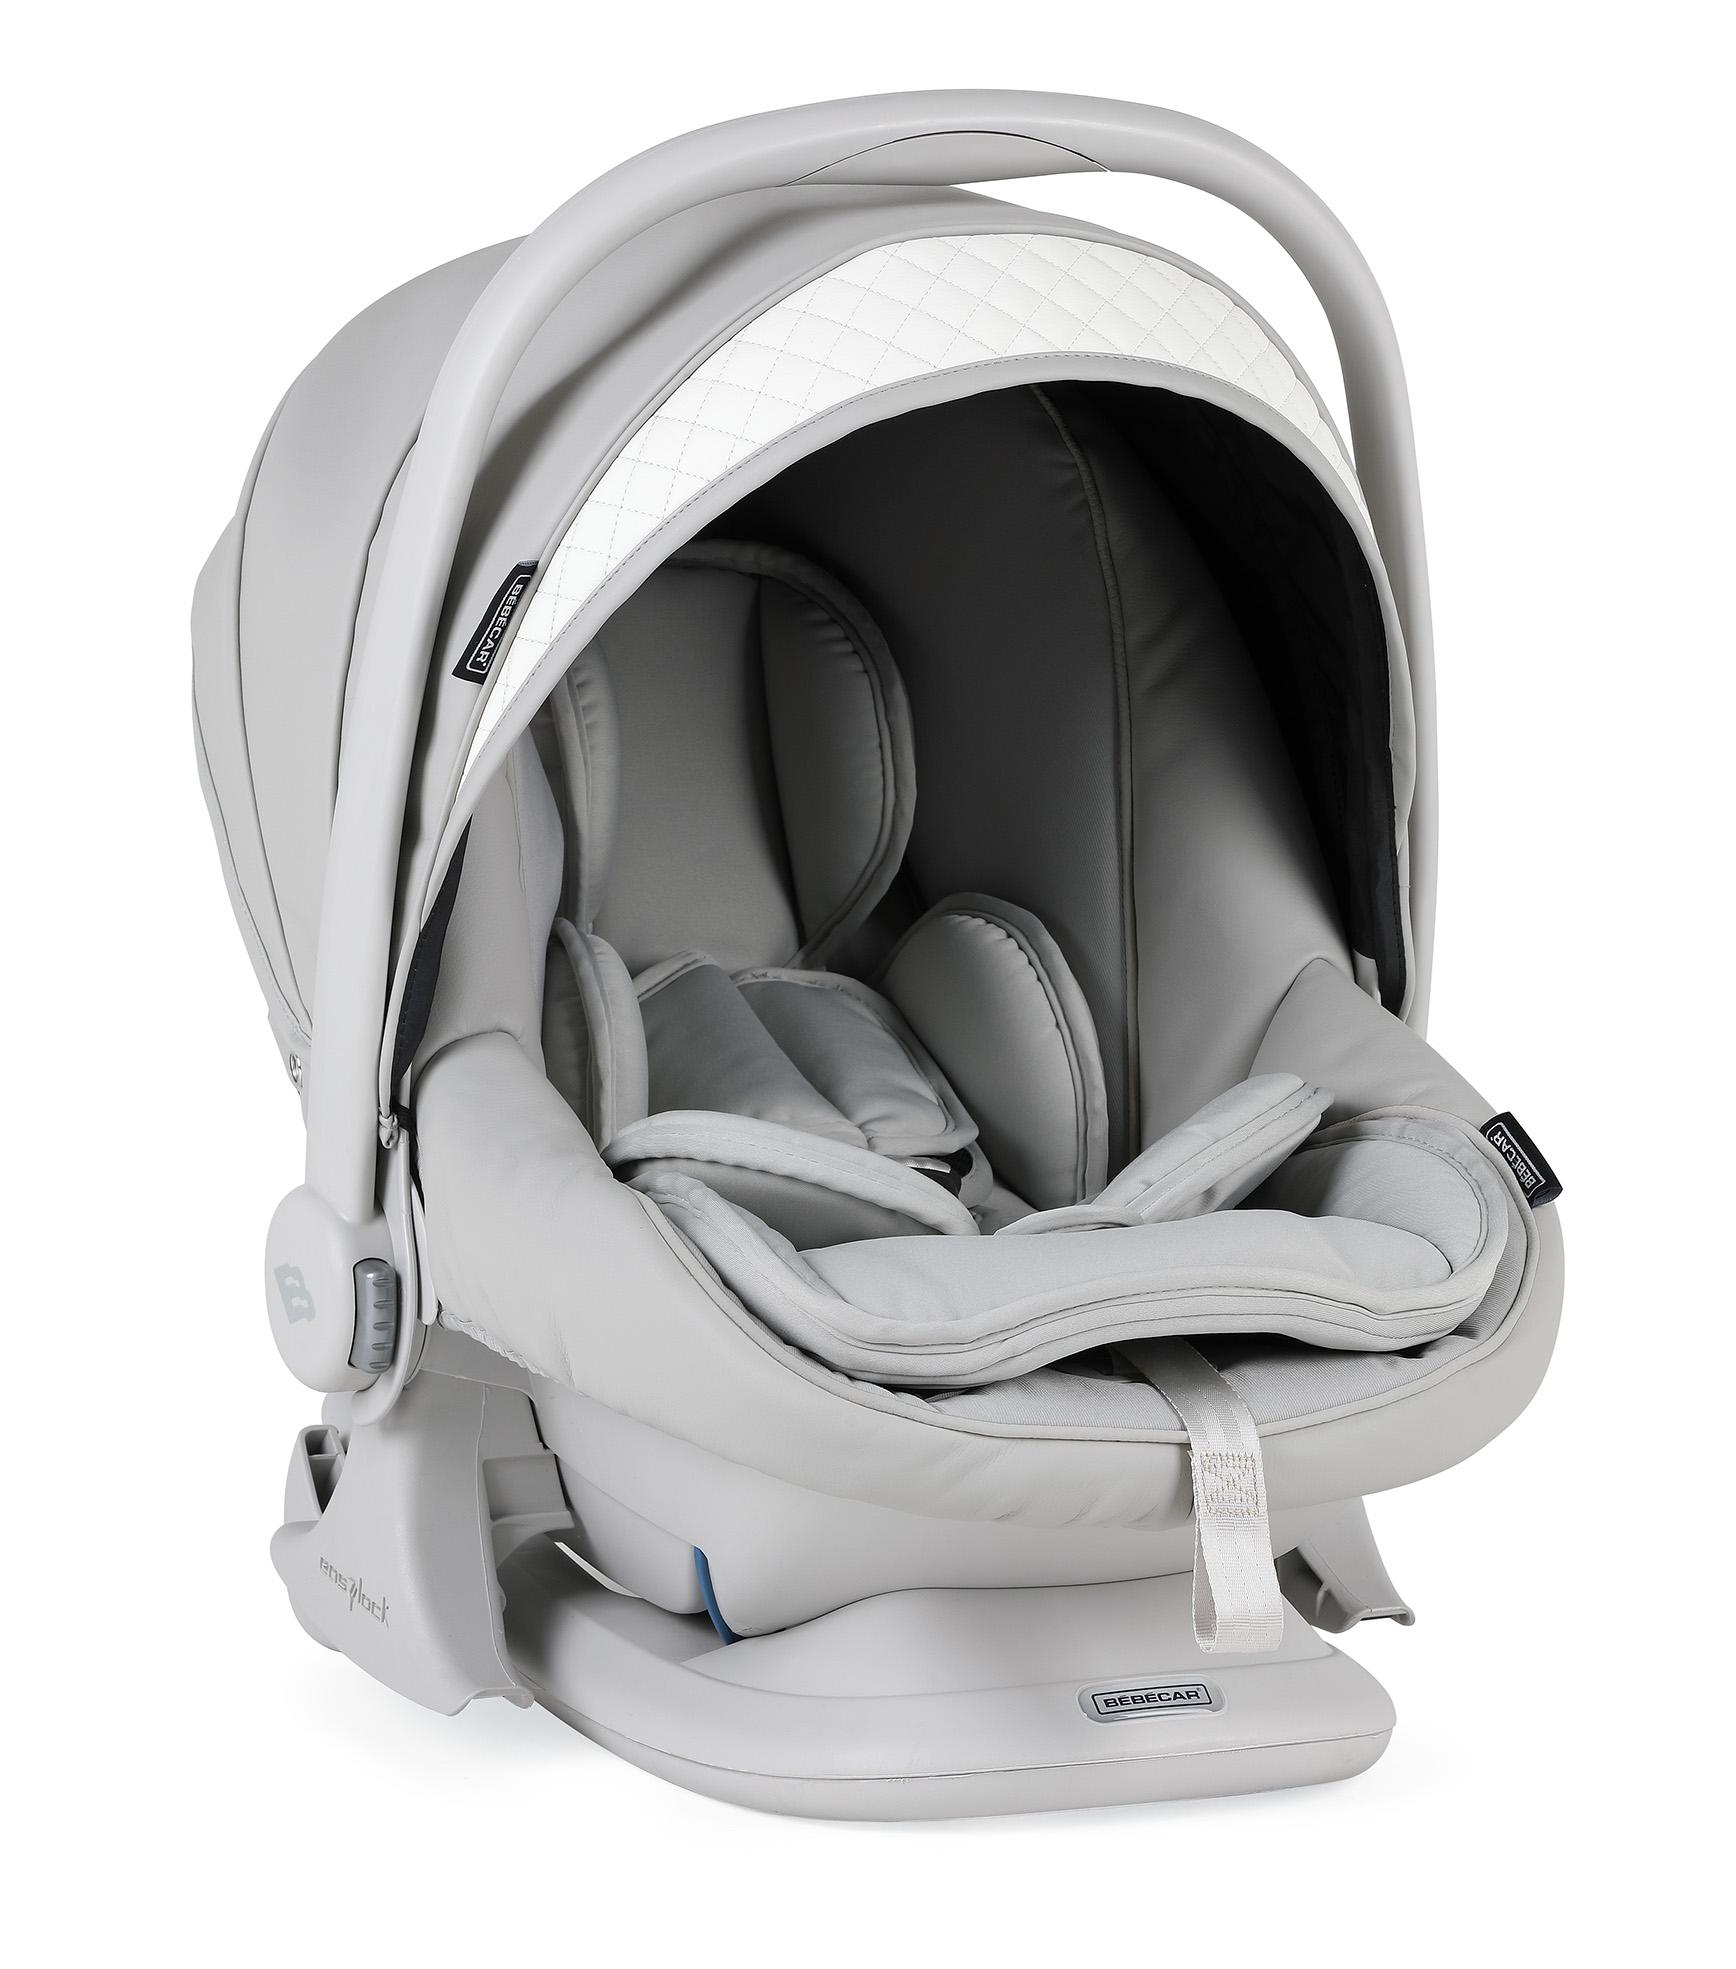 bebecar lie flat car seat silver grey